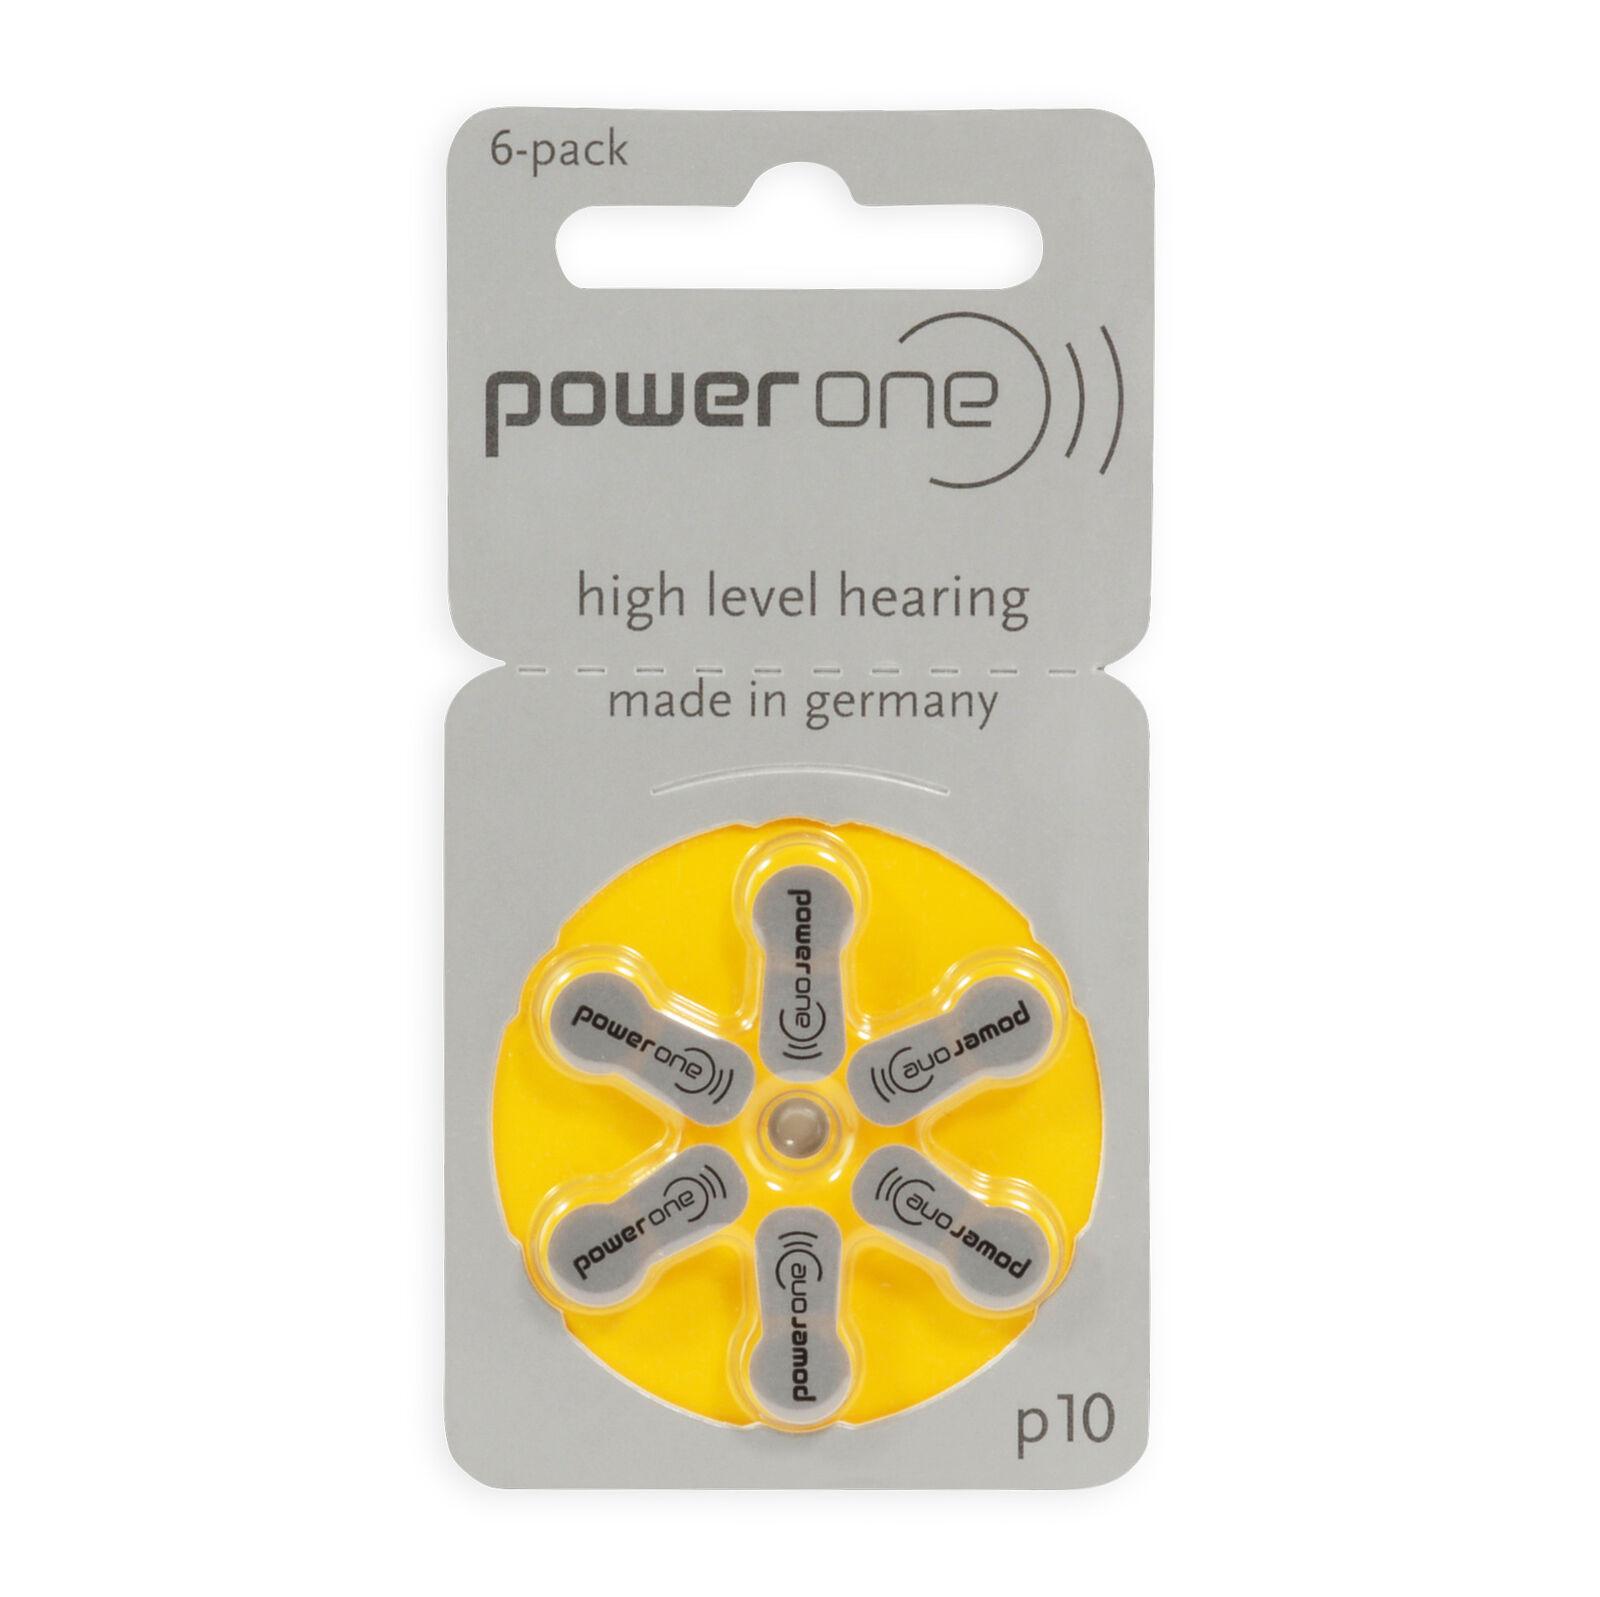 Varta Power One Hörgerätbatterien Hörgerätebatterien Hörgerät Typ ZA10 v. Menge  | Billig ideal